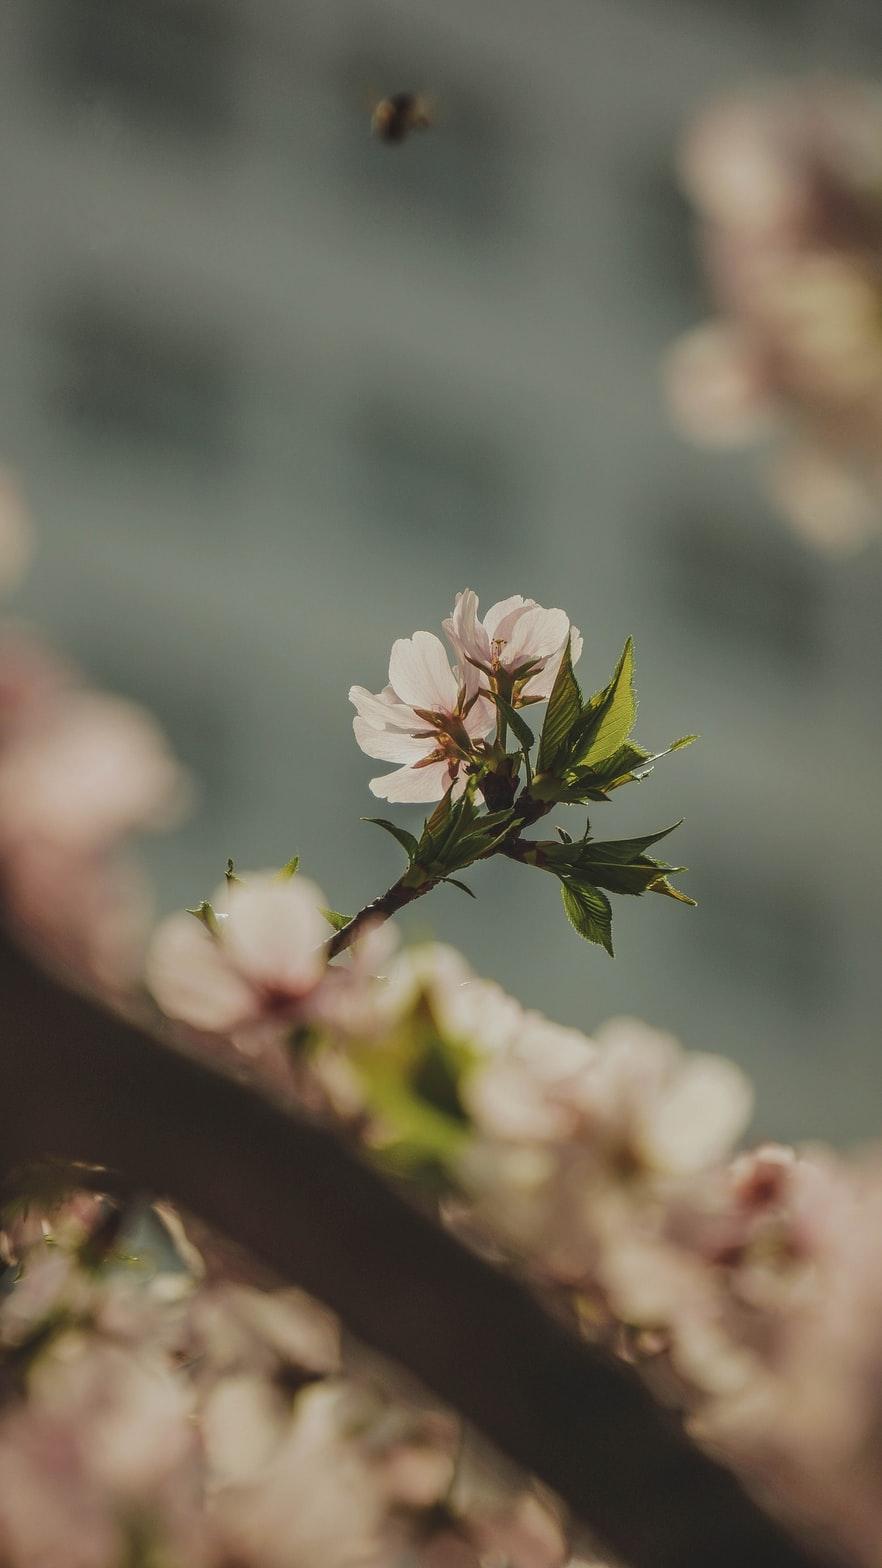 fleur rose cherry blossom